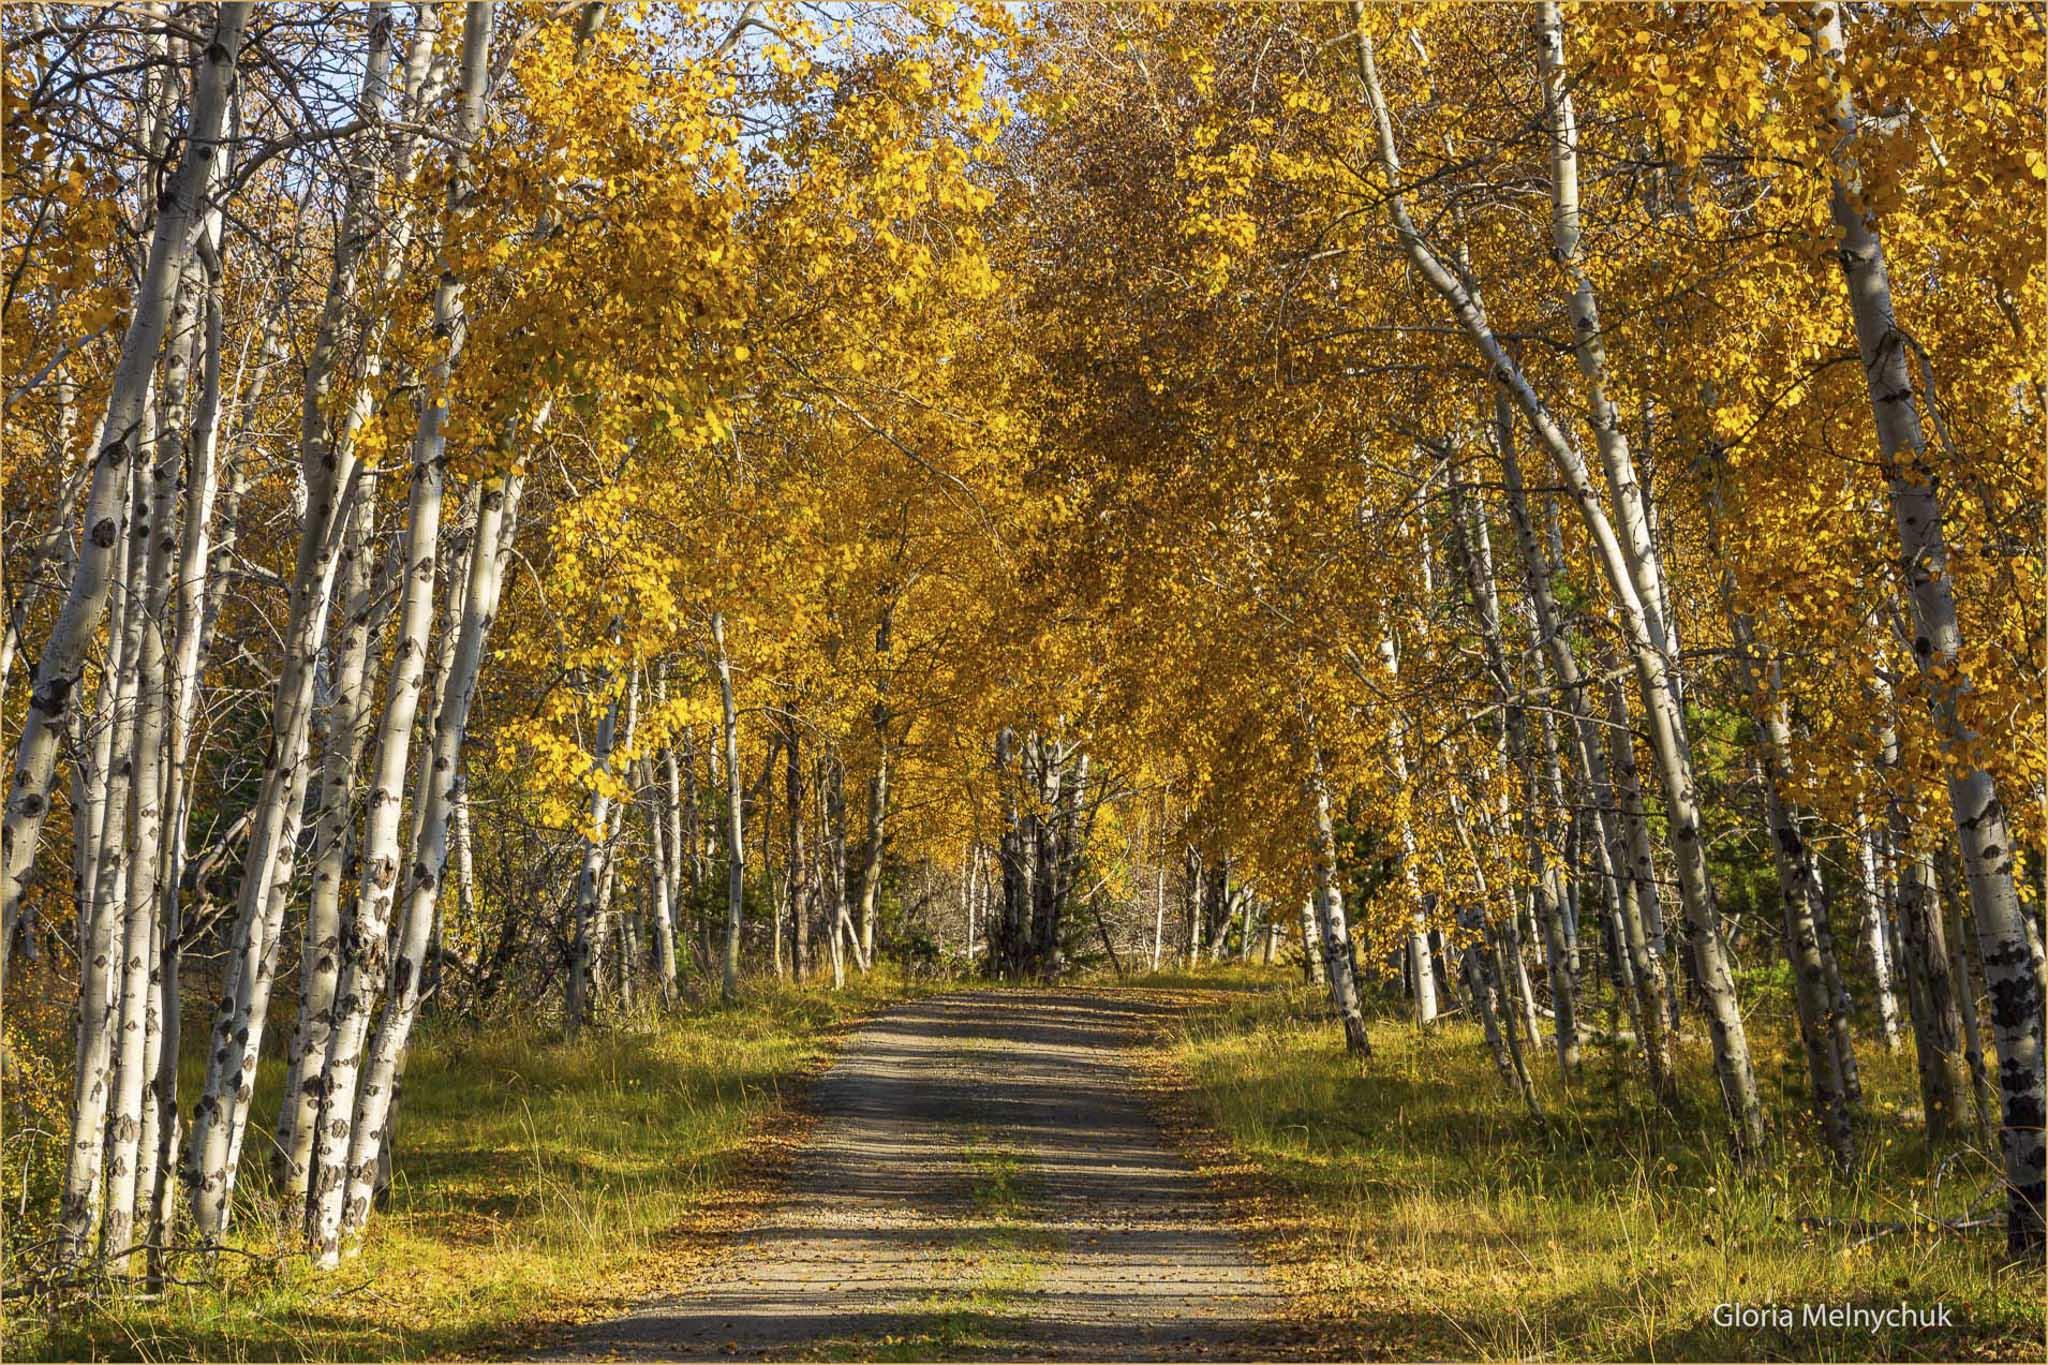 Golden Trail 4937 - Gloria Melnychuk